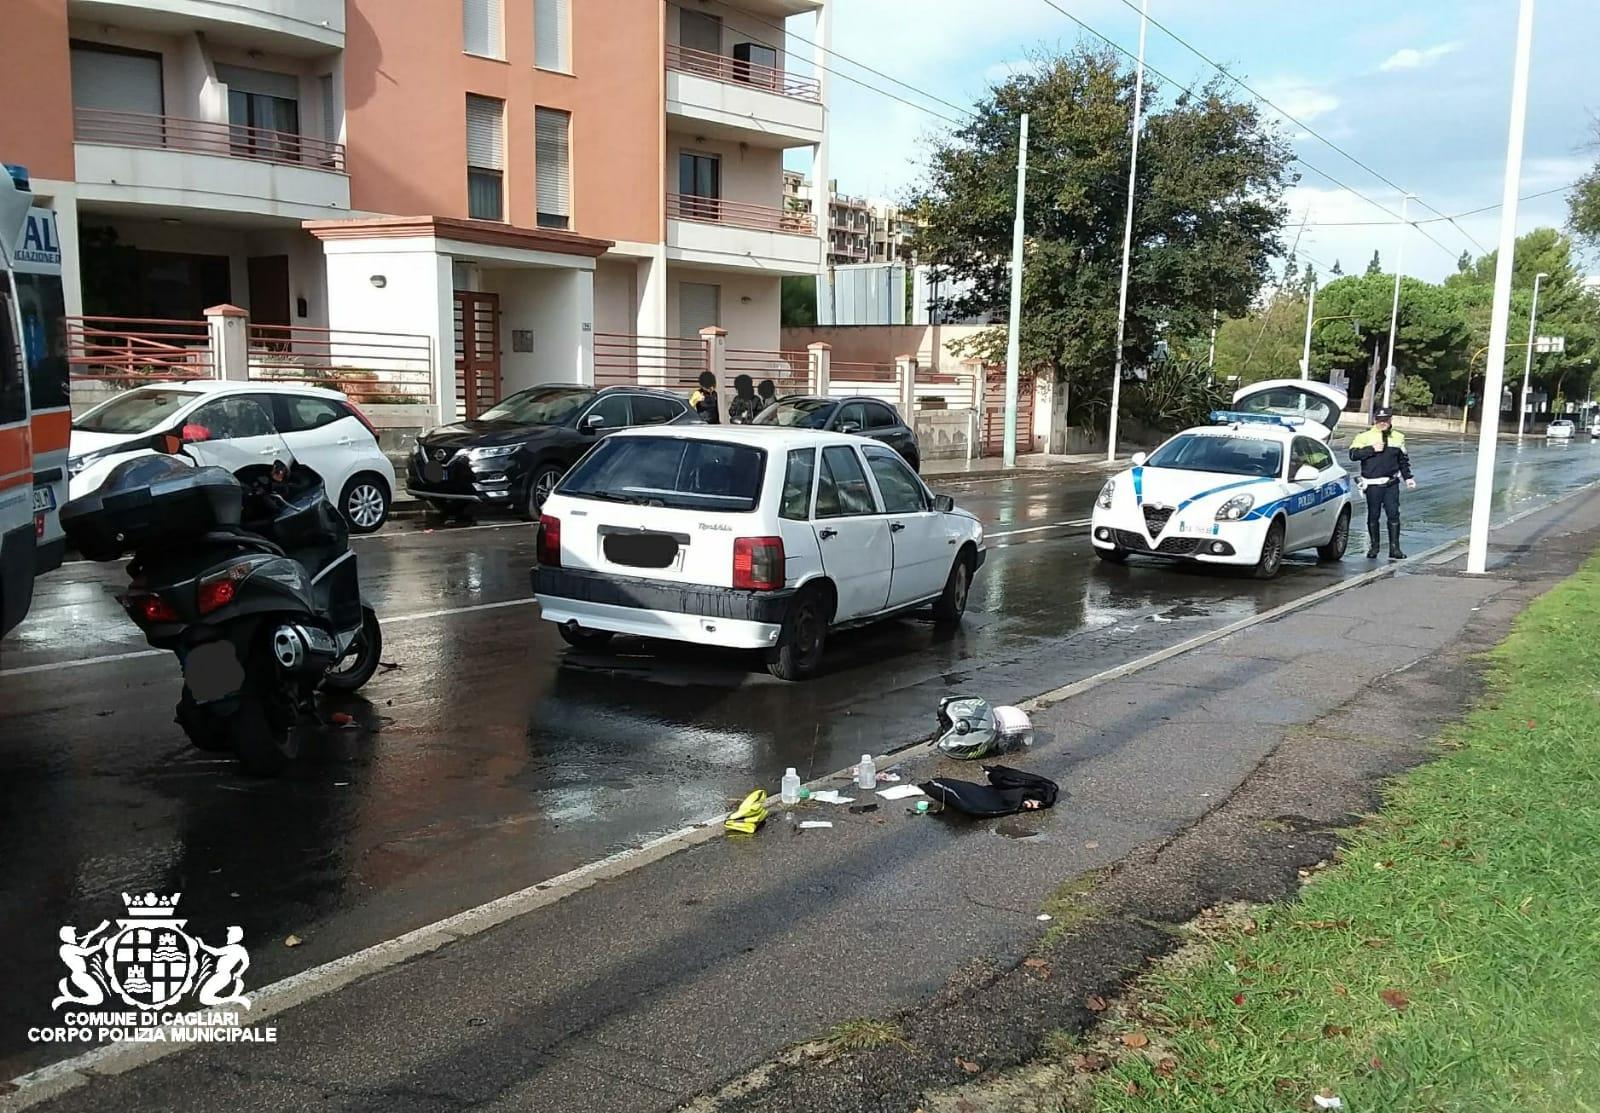 Viale Marconi motociclista grave dopo uno scontro   Cagliari - vistanet